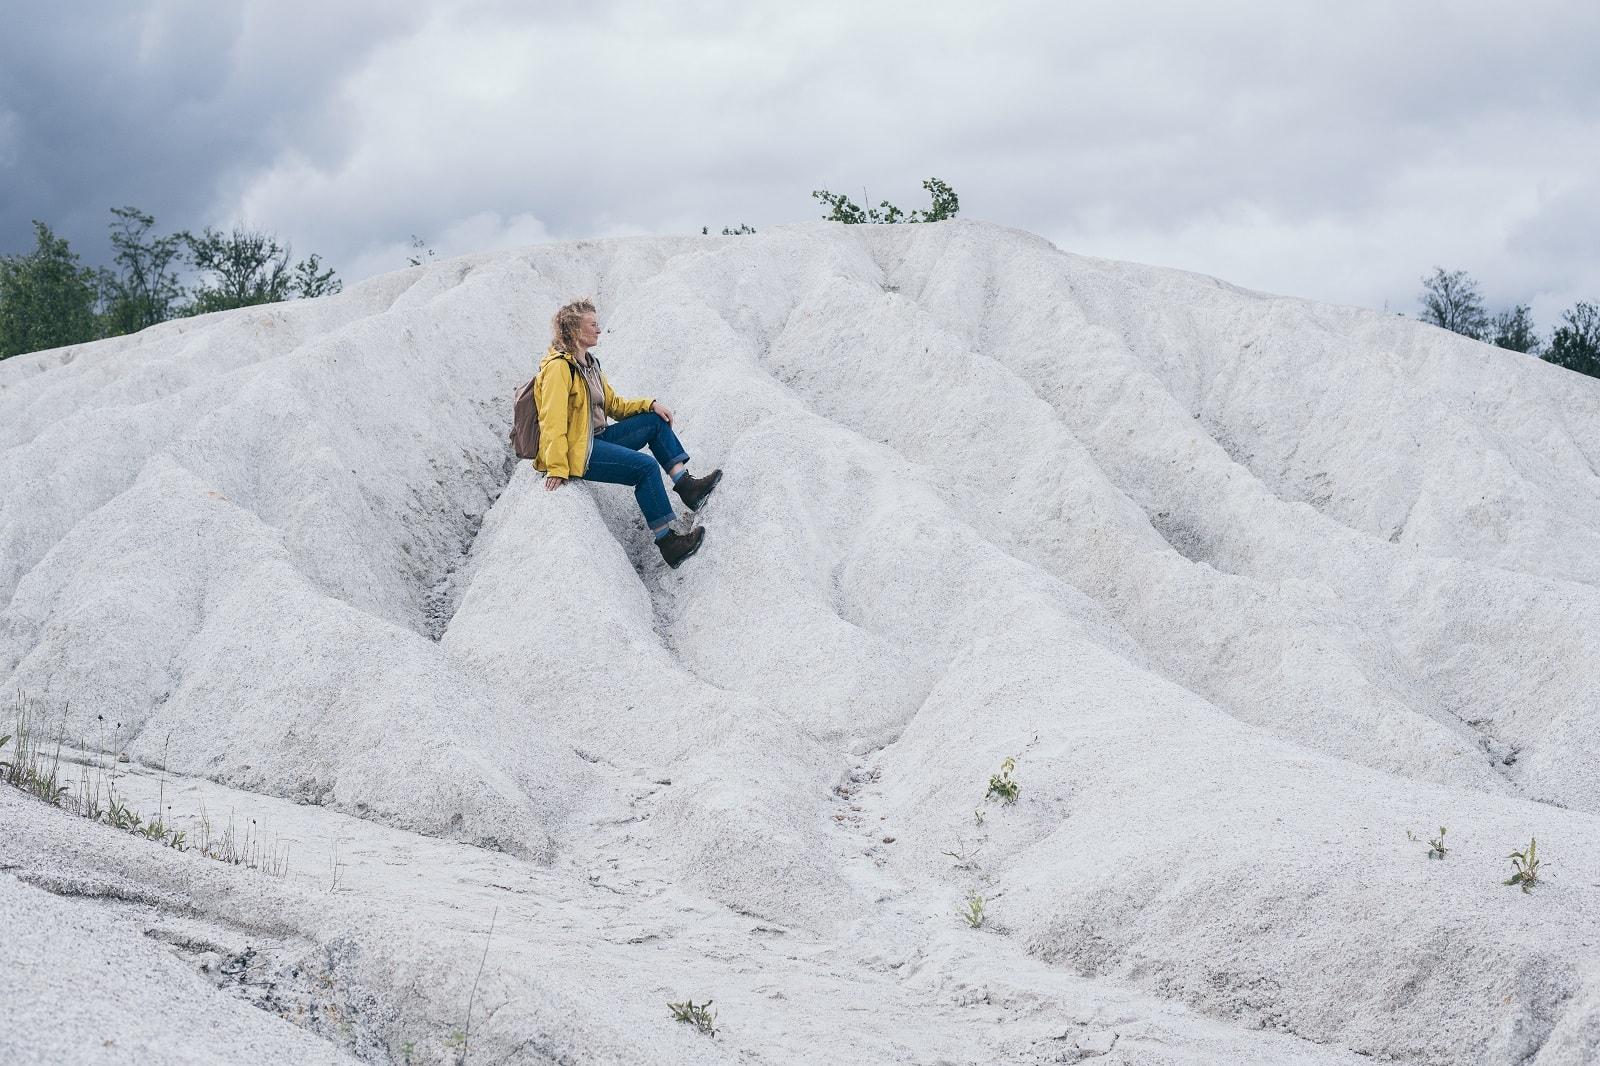 Фото в Актовському на білих скелях